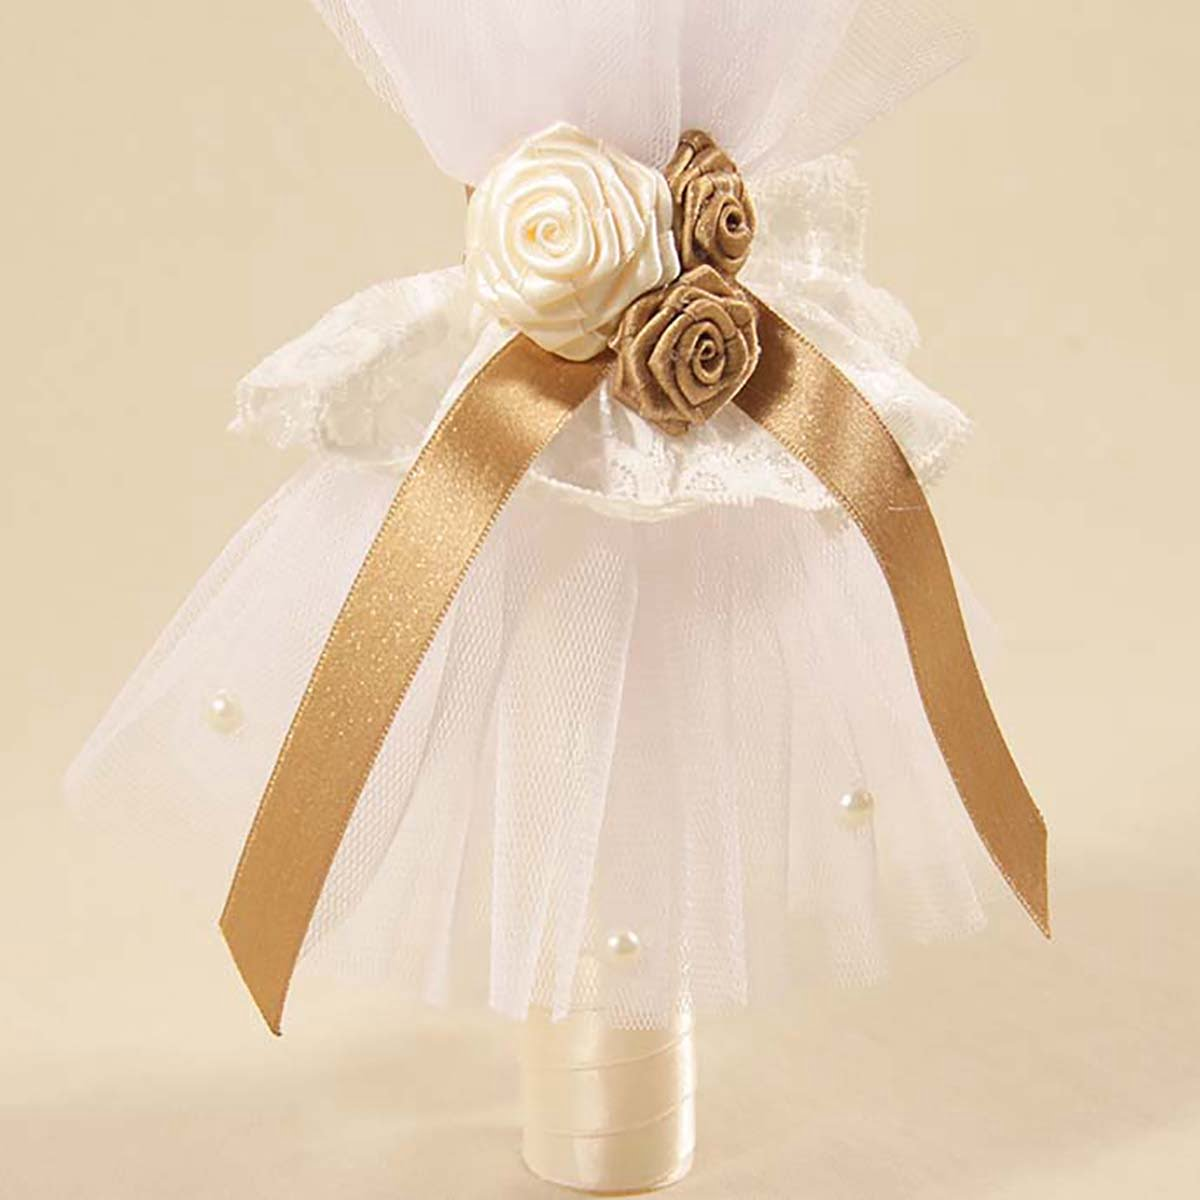 bogato ukrašena bijelo zlatan svijeća za krštenje beba